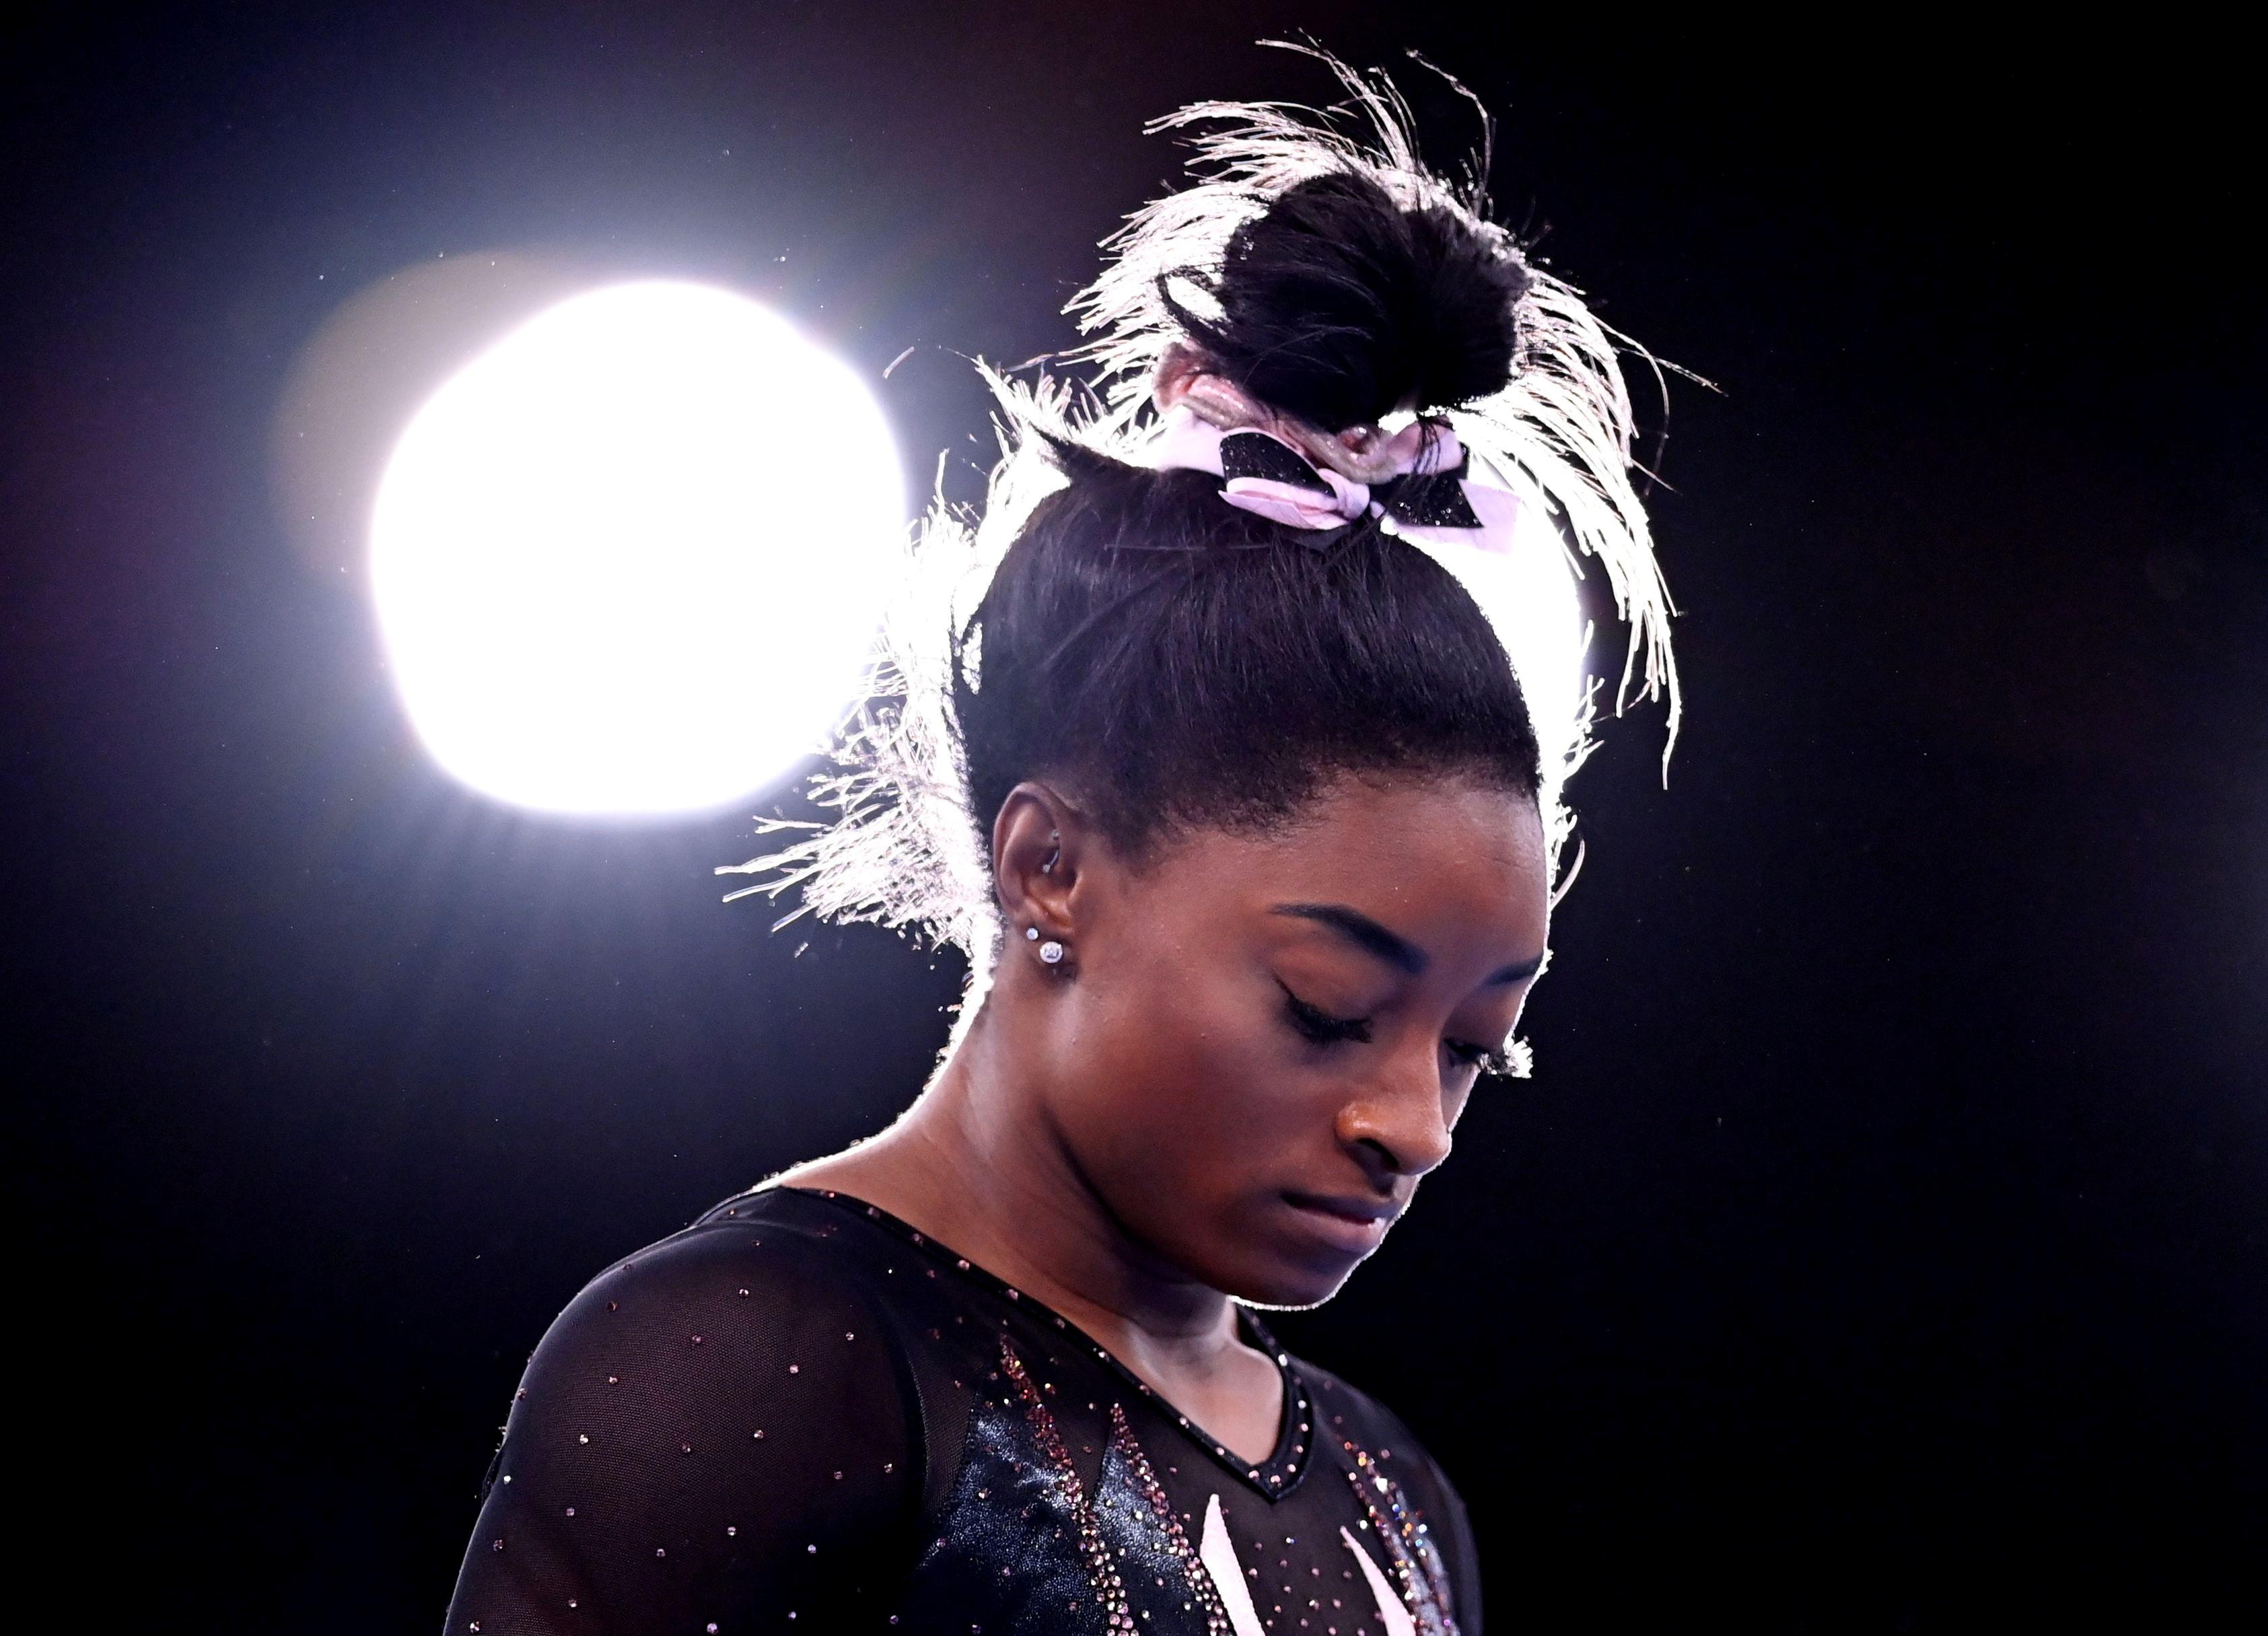 ▲▼美國「體操女王」拜爾斯宣布退出自由體操決賽,僅剩個人平衡木決賽。(圖/路透社)